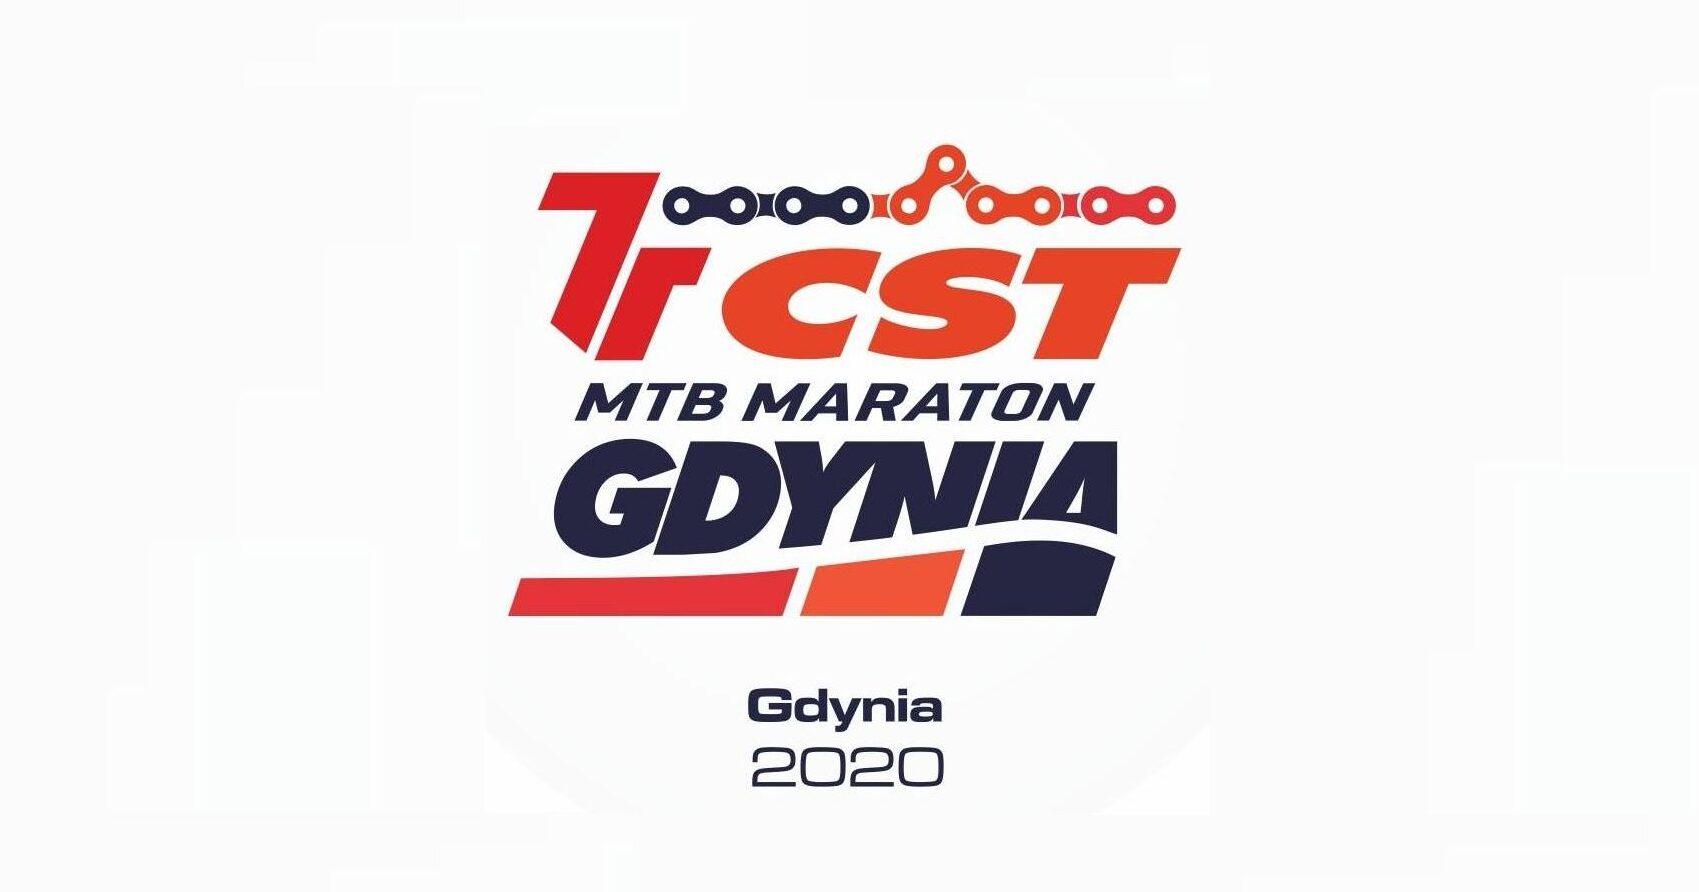 Kto zostanie Mistrzem Polski w maratonie MTB 2020?